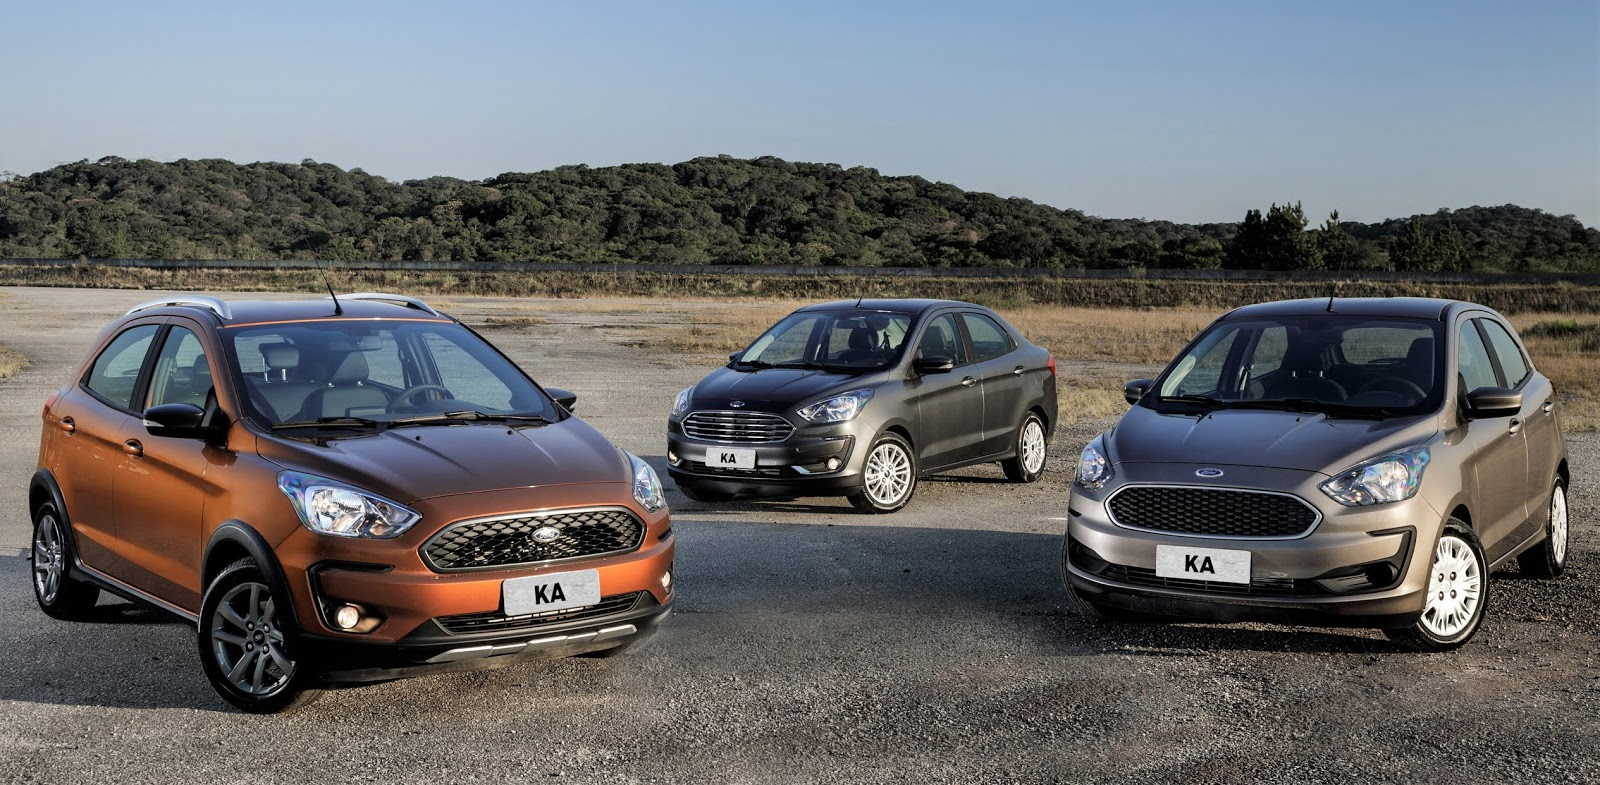 Ford Apresenta Ka Hatch E Sedan 2019 Com Face Lift Mais Itens E